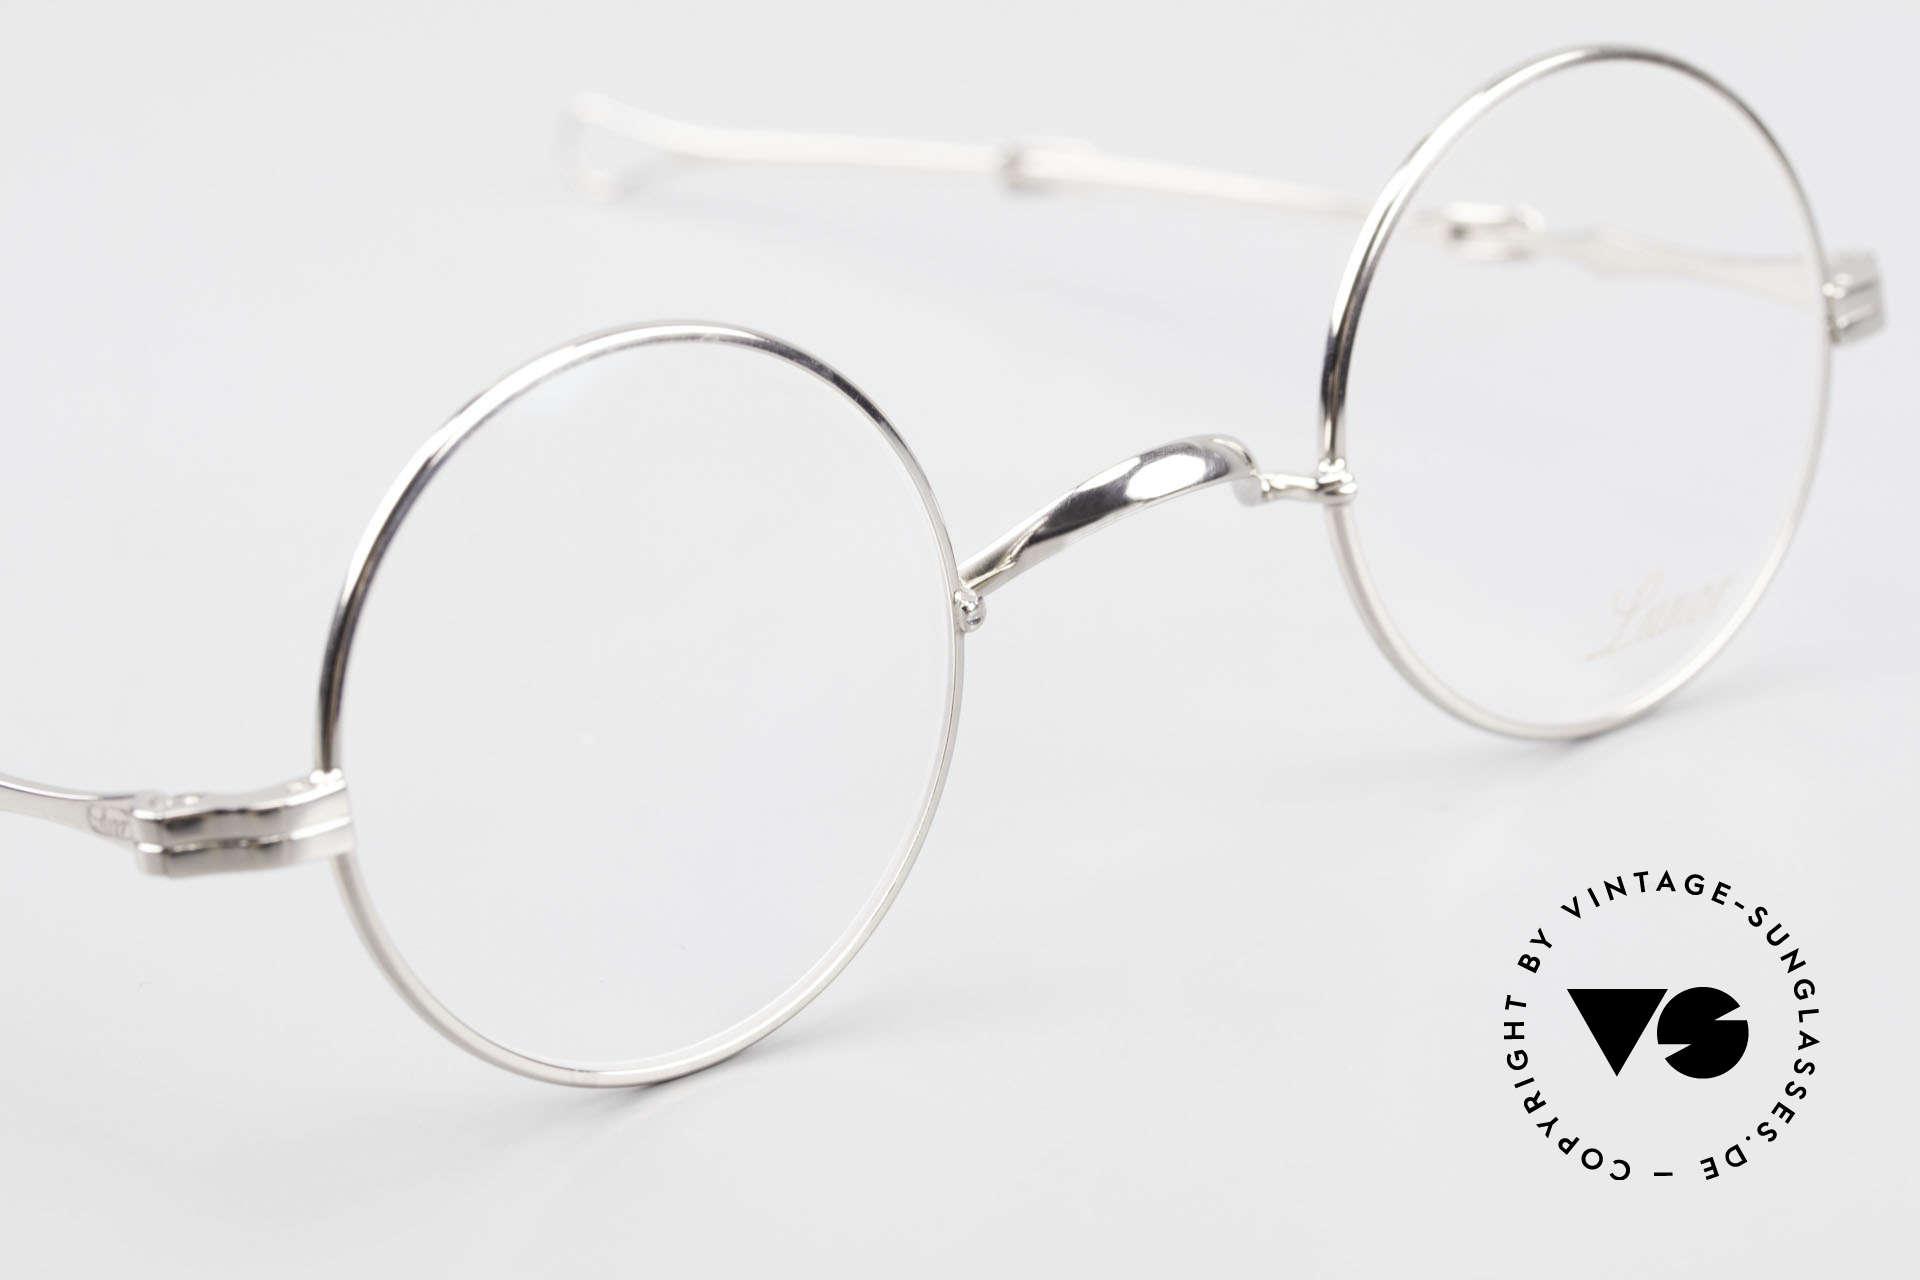 Lunor I 12 Telescopic Runde Schiebebügel Brille, sowie für ausziehbare Brillenbügel (= teleskopartig), Passend für Herren und Damen